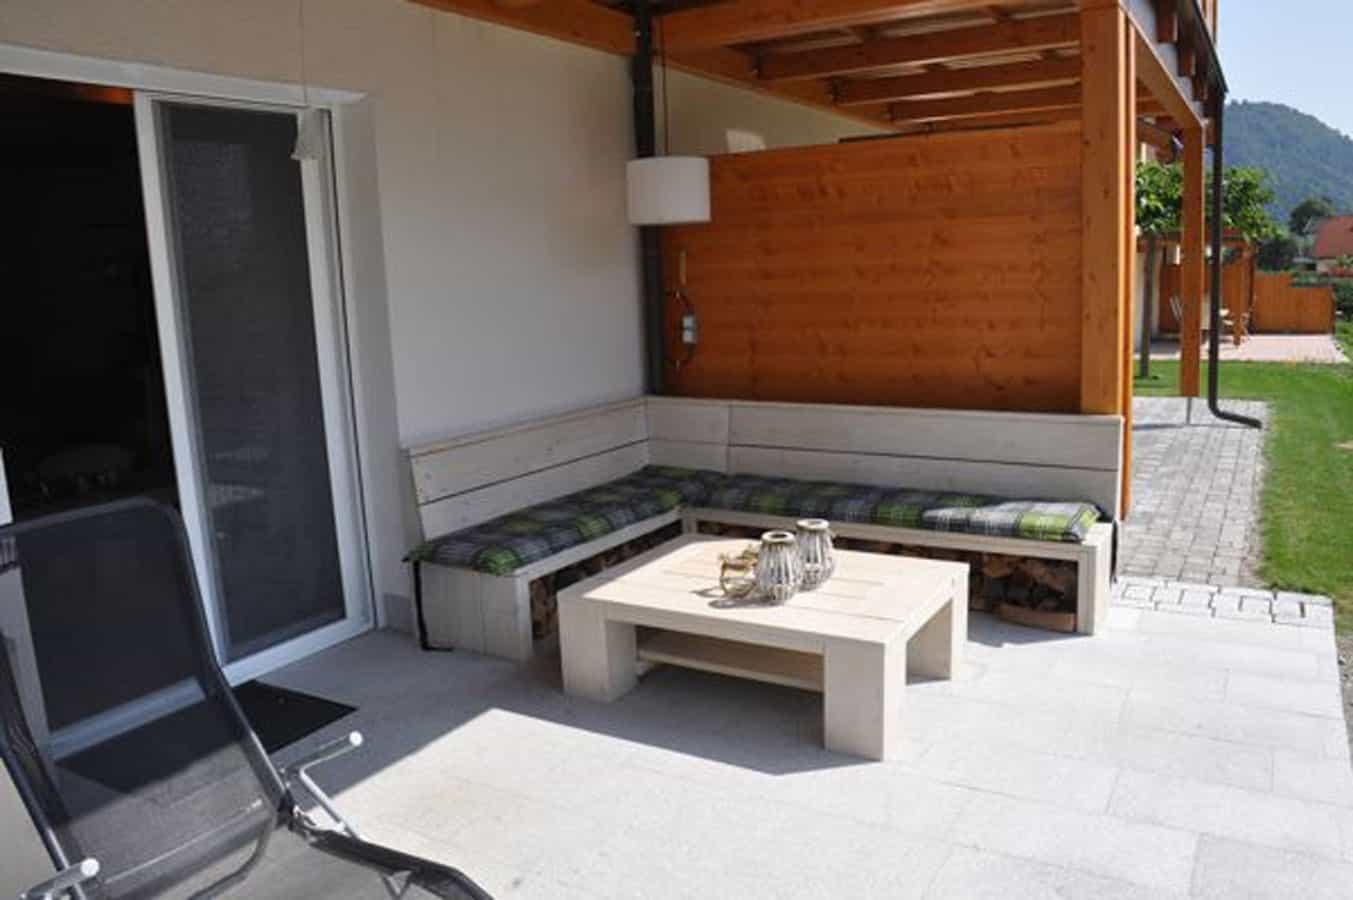 villa-suzanne-impressie-2-extra-2-kwo-villa